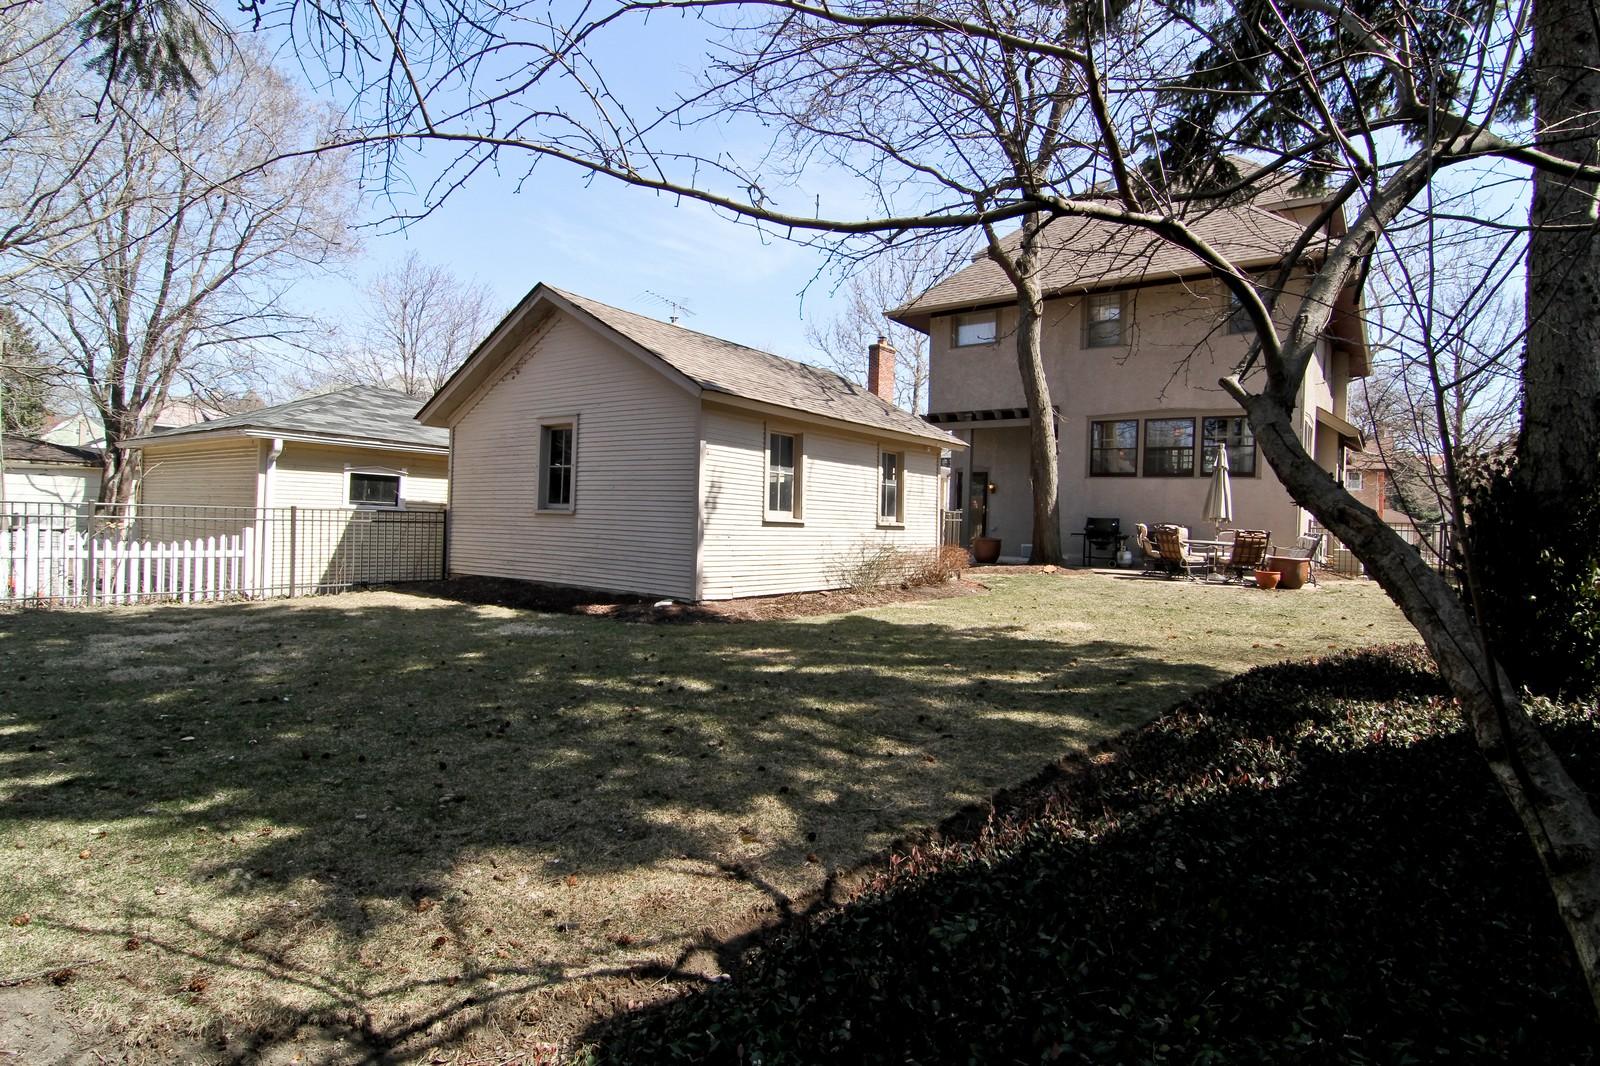 Real Estate Photography - 338 S. 8th, La Grange, IL, 60525 - Rear View